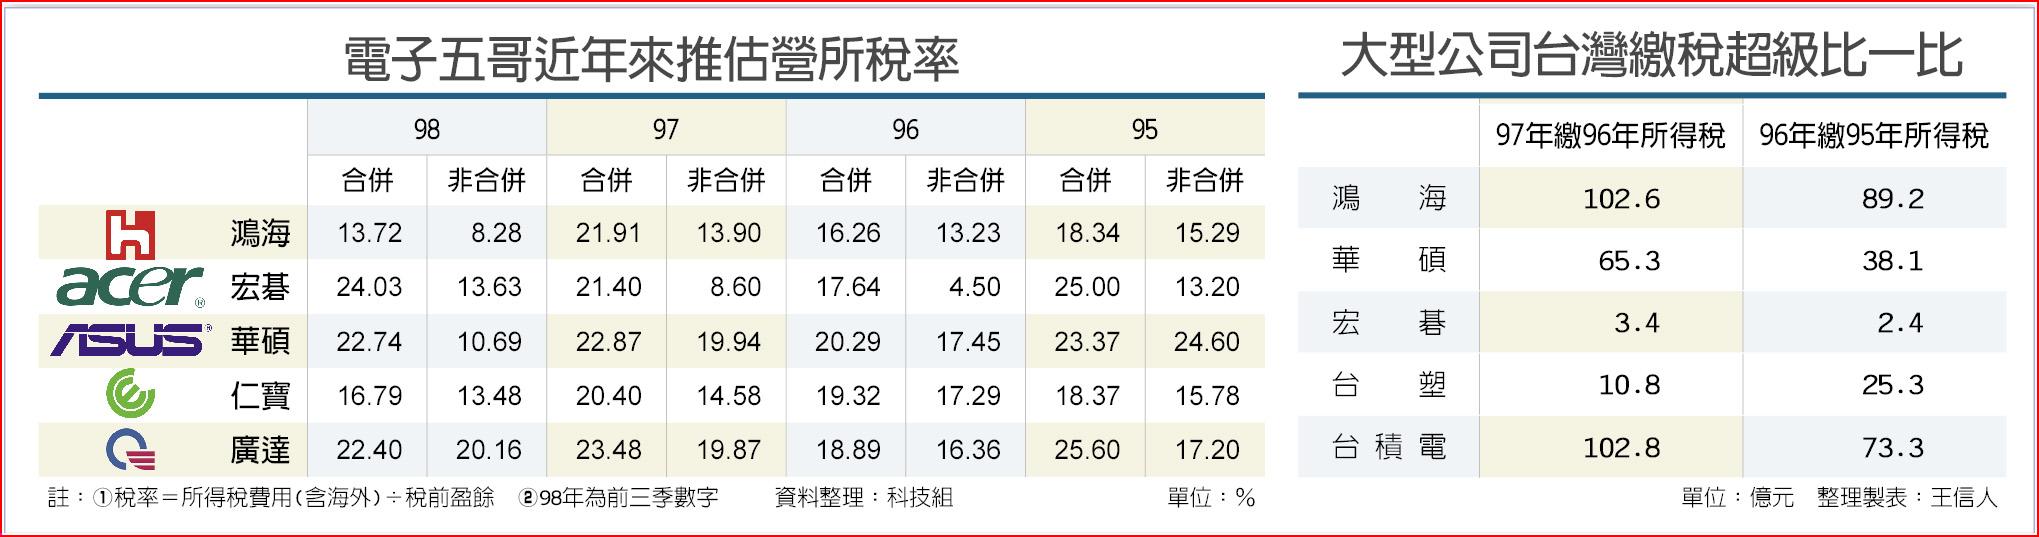 電子五哥近年來推估營所稅率大型公司台灣繳稅超級比一比